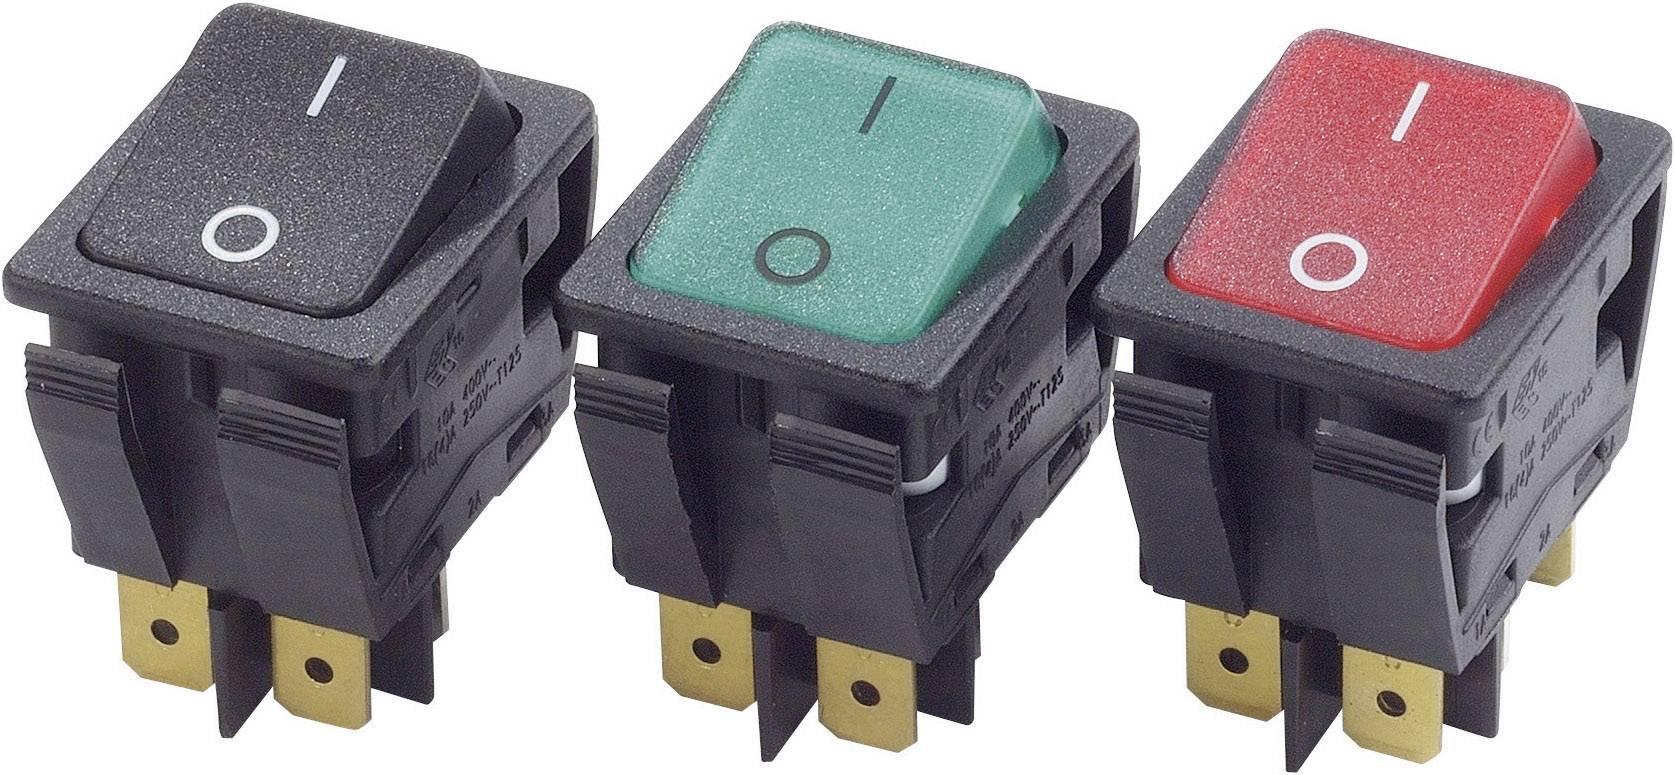 Kolískový spínač s aretáciou Arcolectric C6053ALNAH, 230 V/AC, 16 A, 2x vyp/zap, farba svetla: zelená, 1 ks